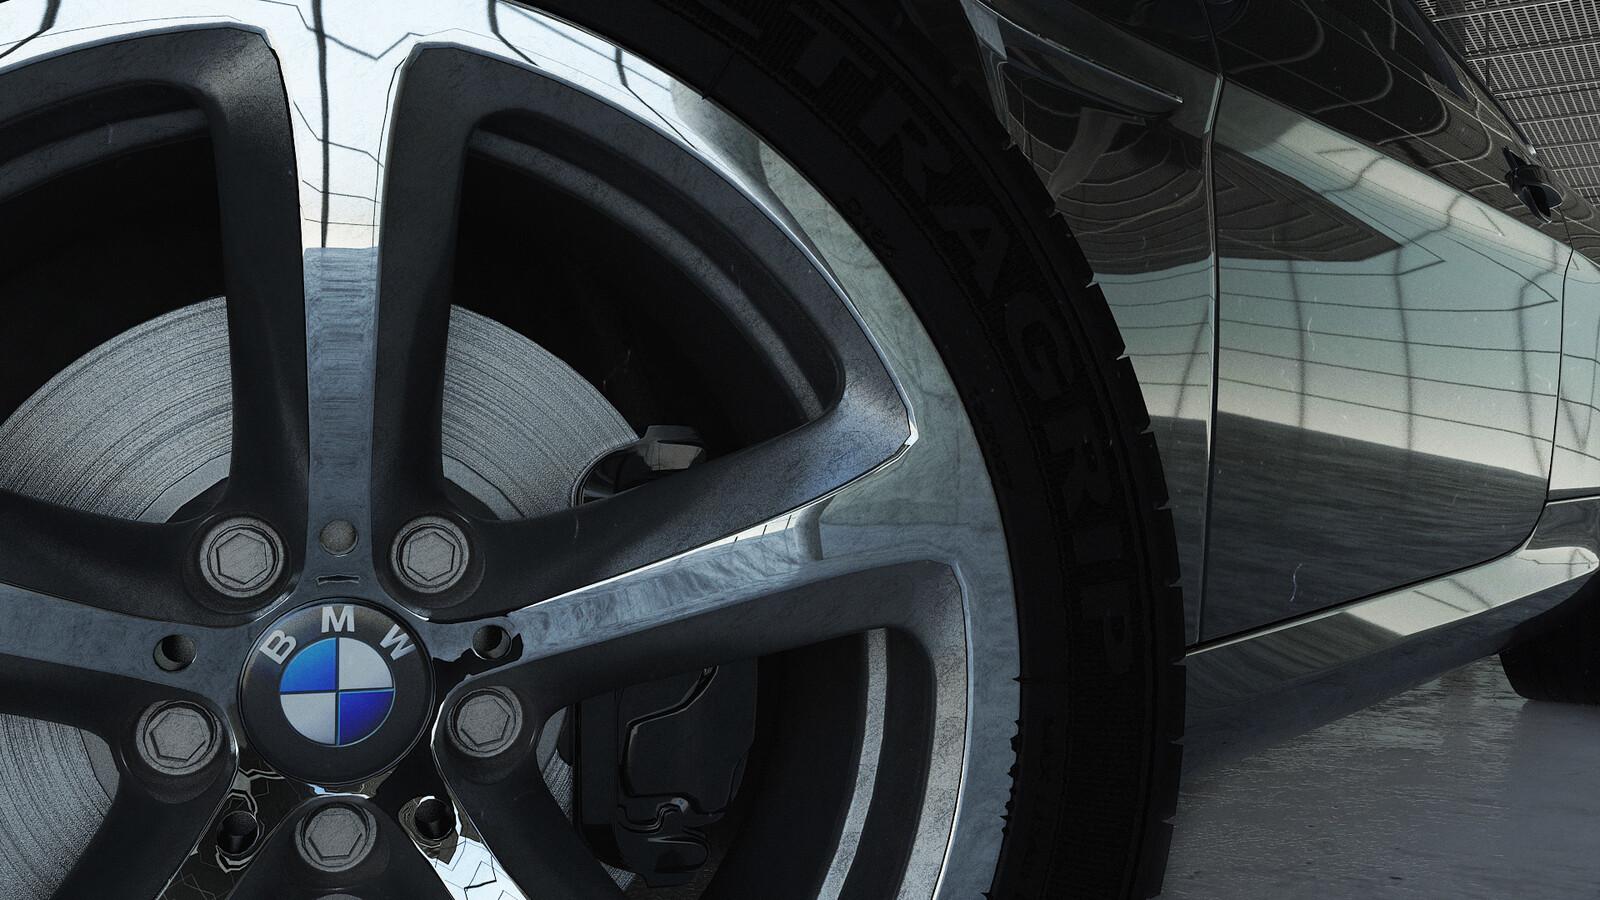 BMW Tyres Zoom